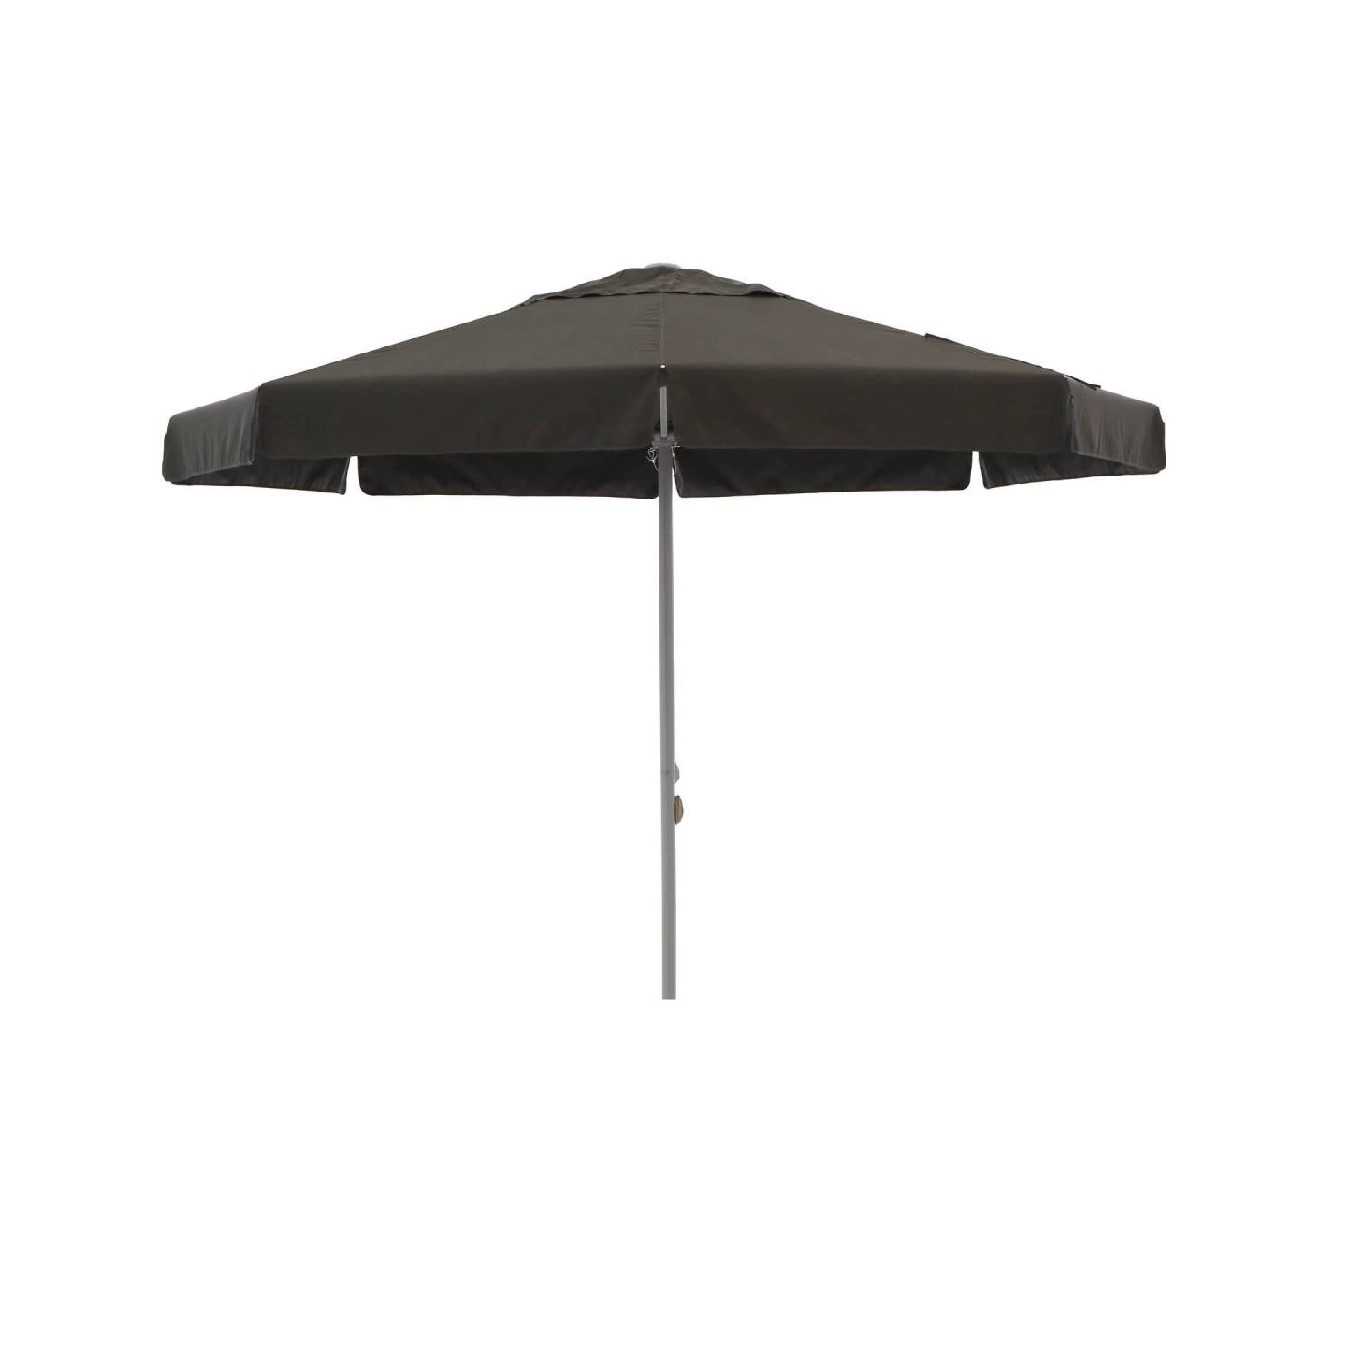 Parasolvoet Voor Parasol 4 Meter.Grote Parasol Voet